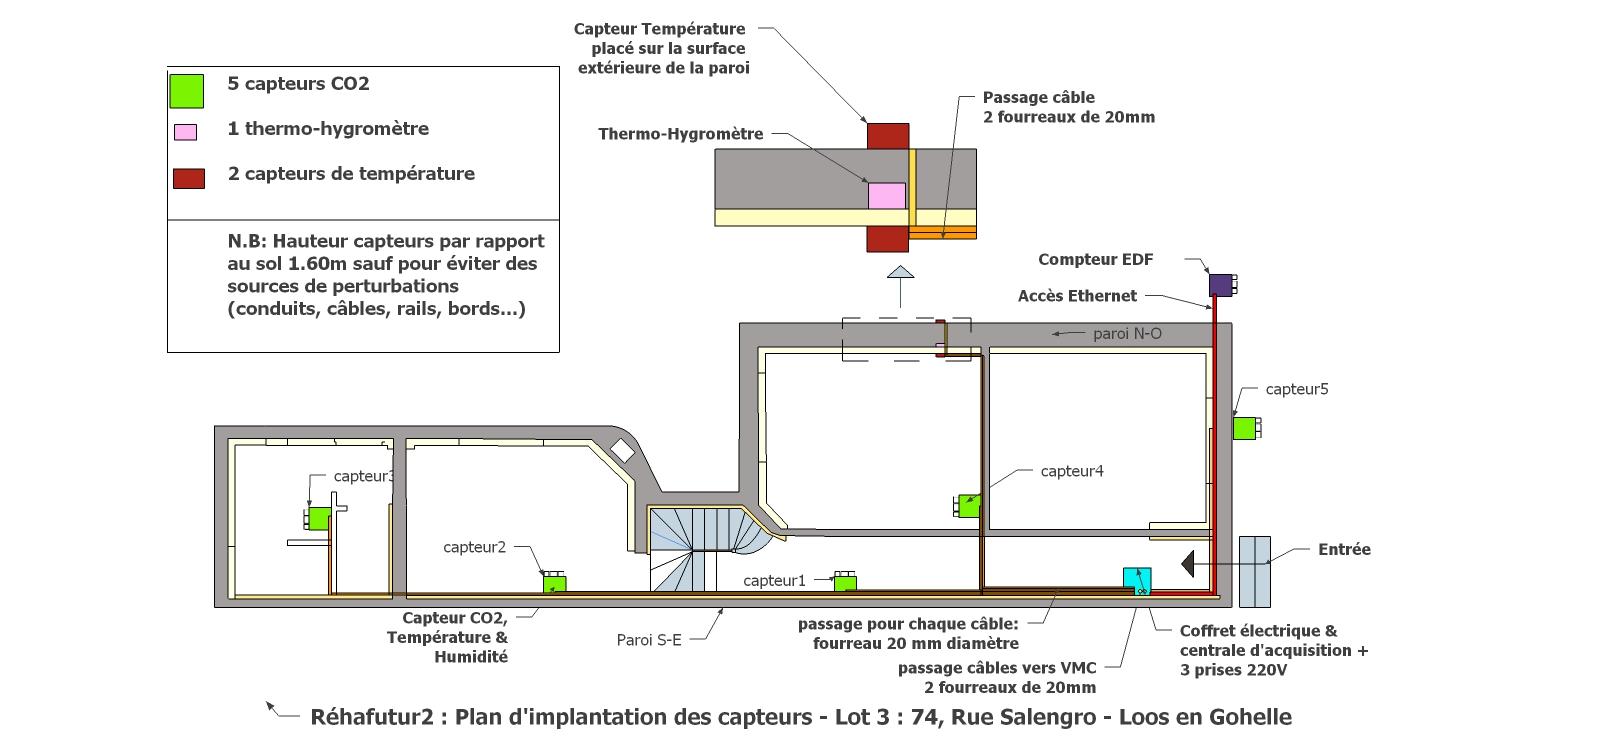 Plan d'implantation des capteurs Rehafutur 2